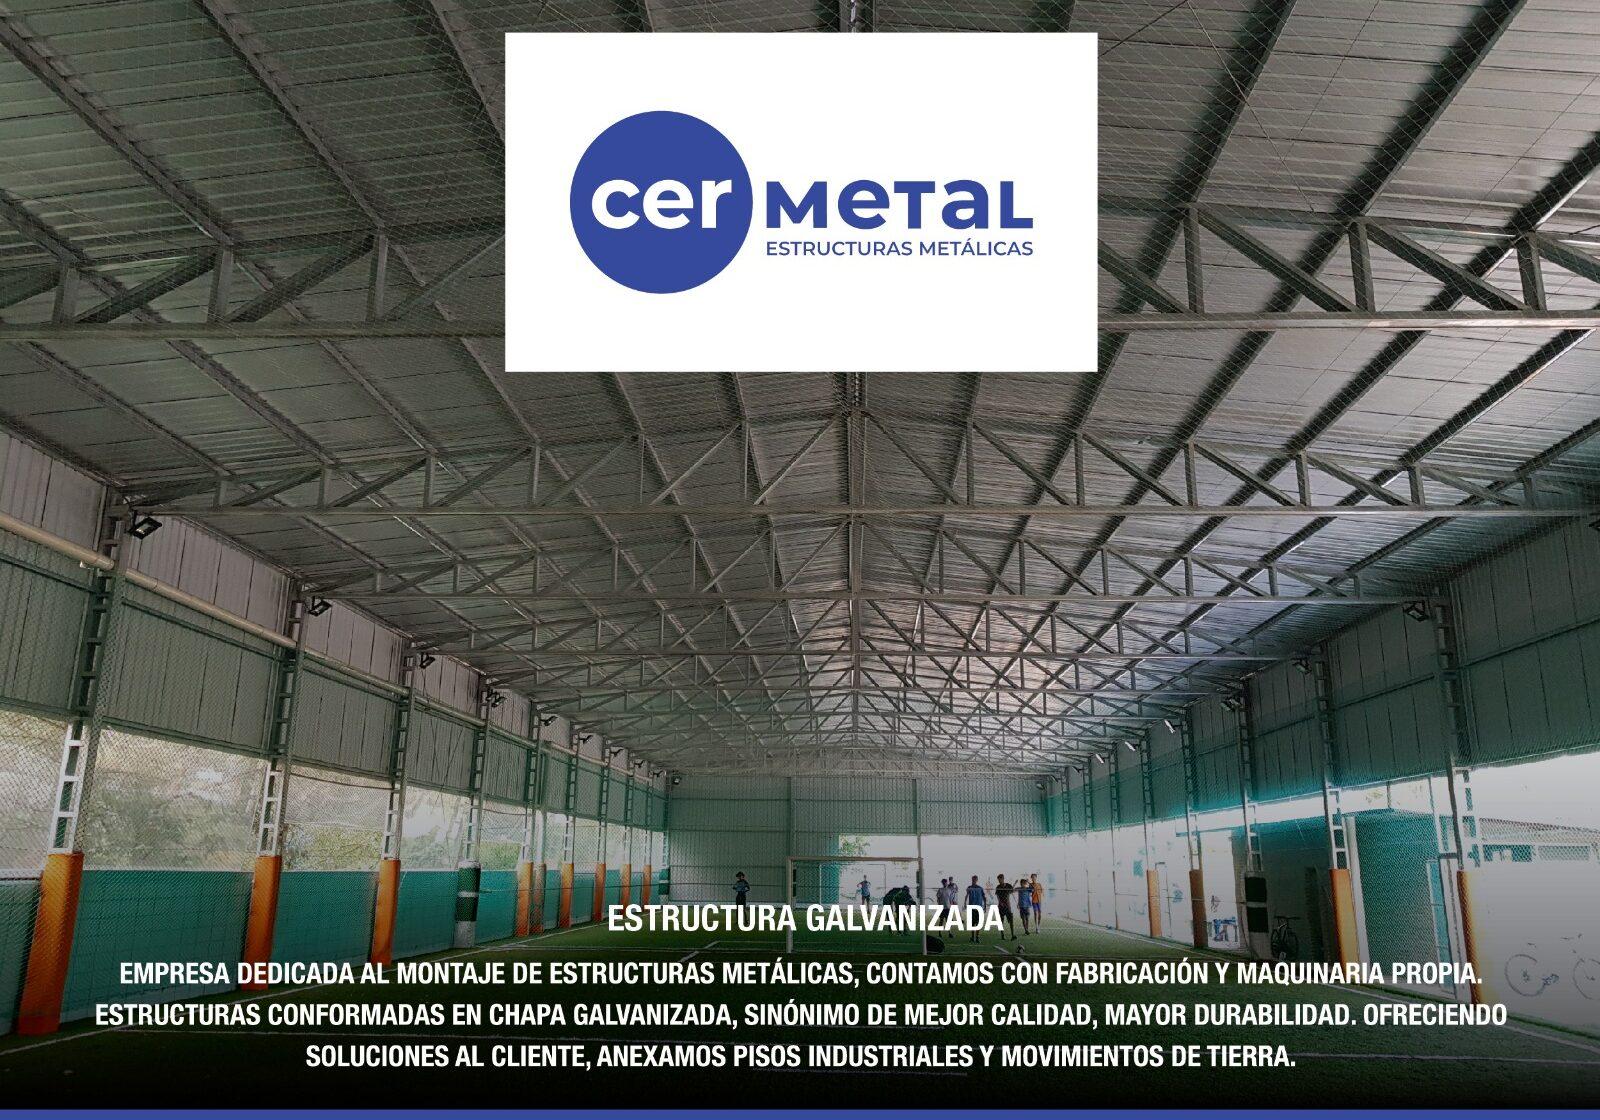 estructuras-metalicas-galpones-Cermetal